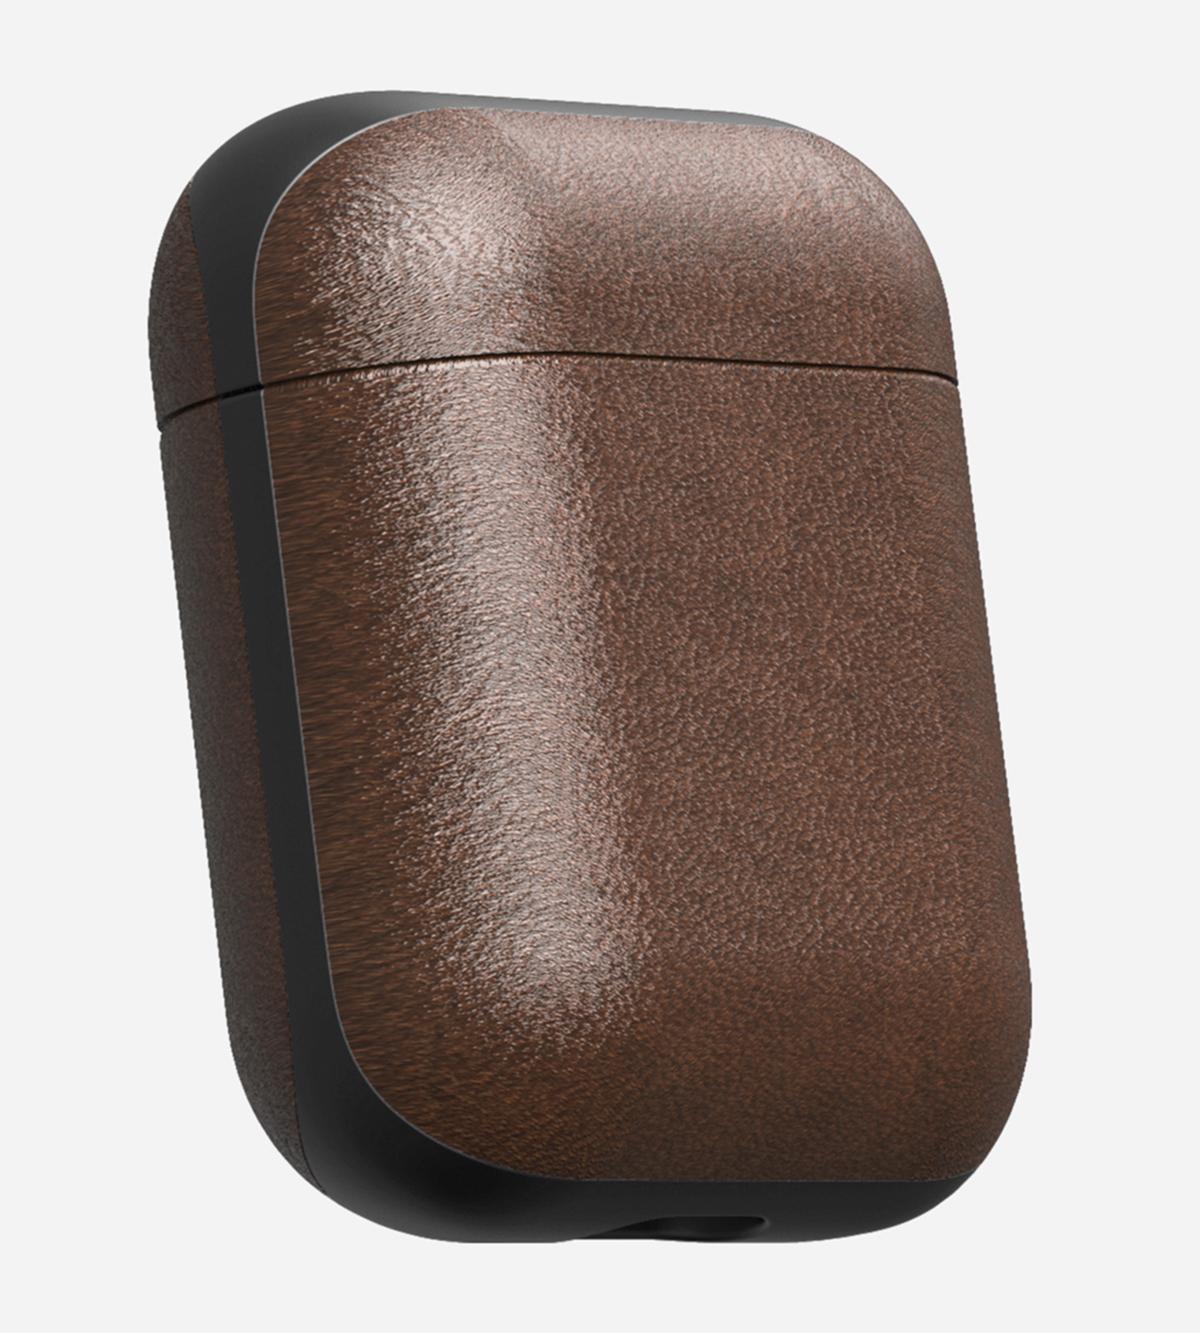 ひと目見ただけで上質と分かる、なめらかな質感の本革製の「AirPodsケース」  NOMAD